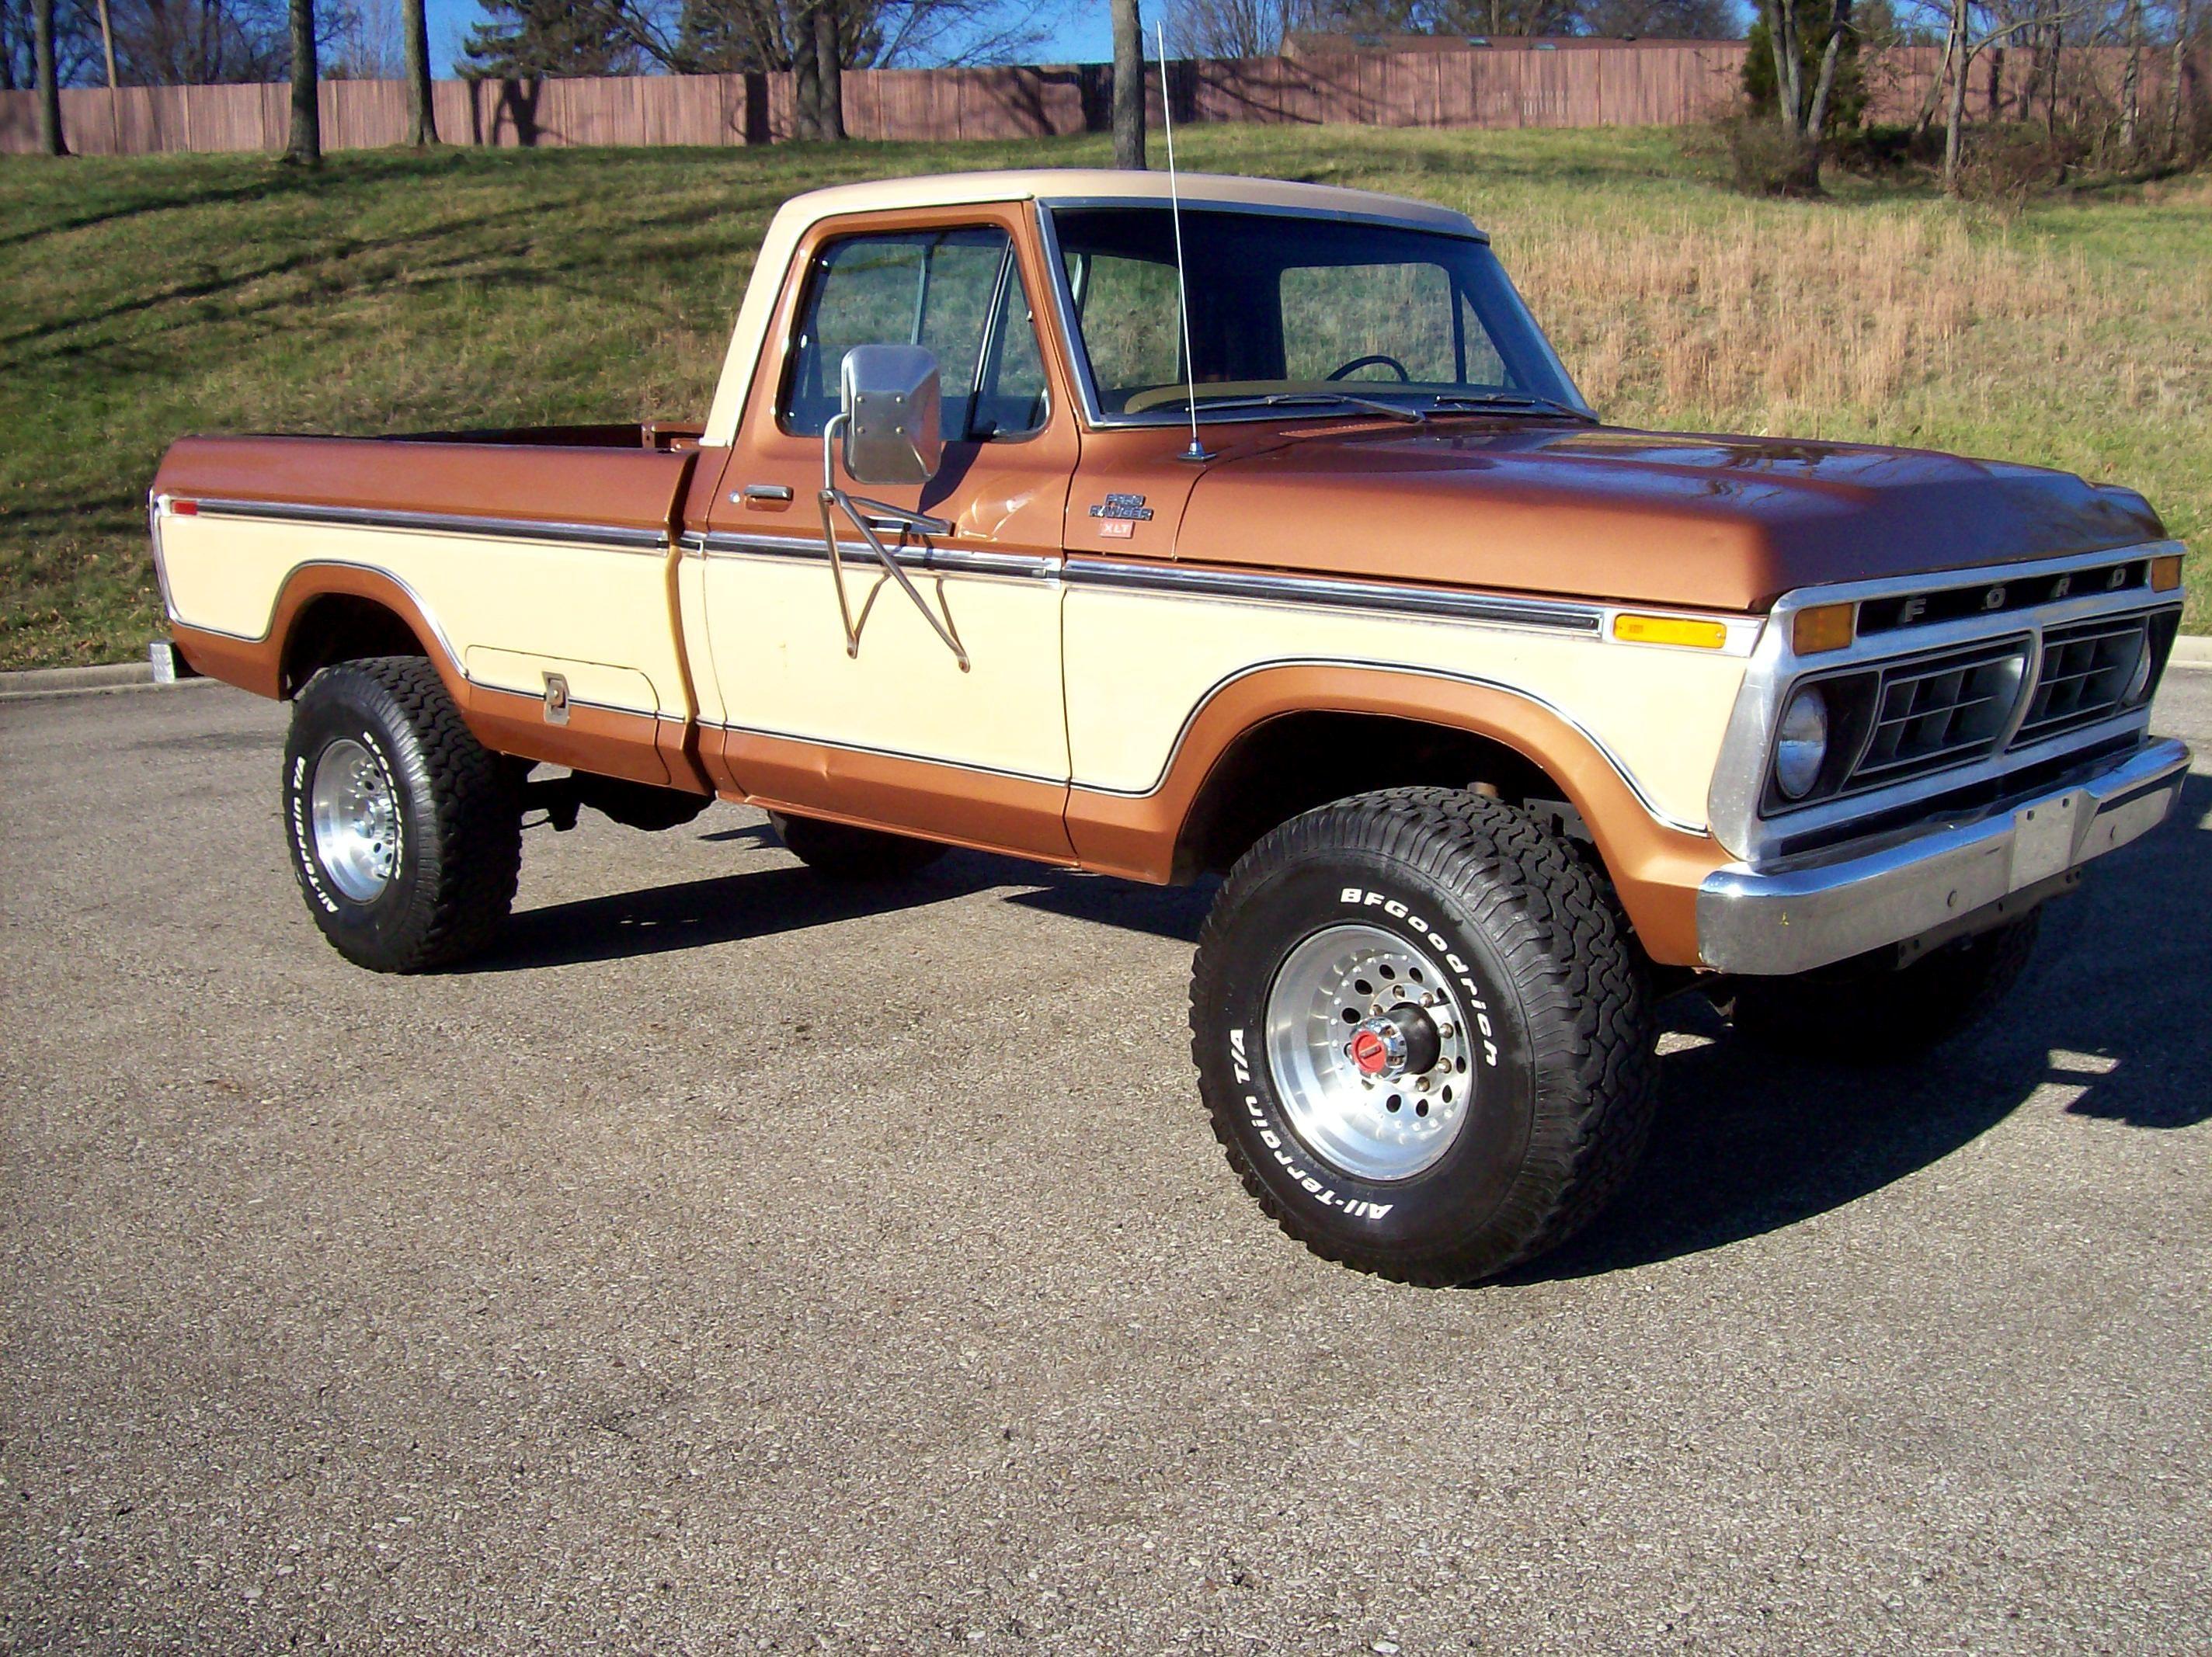 1977 f250 highboy 1977 ford f250 4x4 highboy ranger xlt 1 12